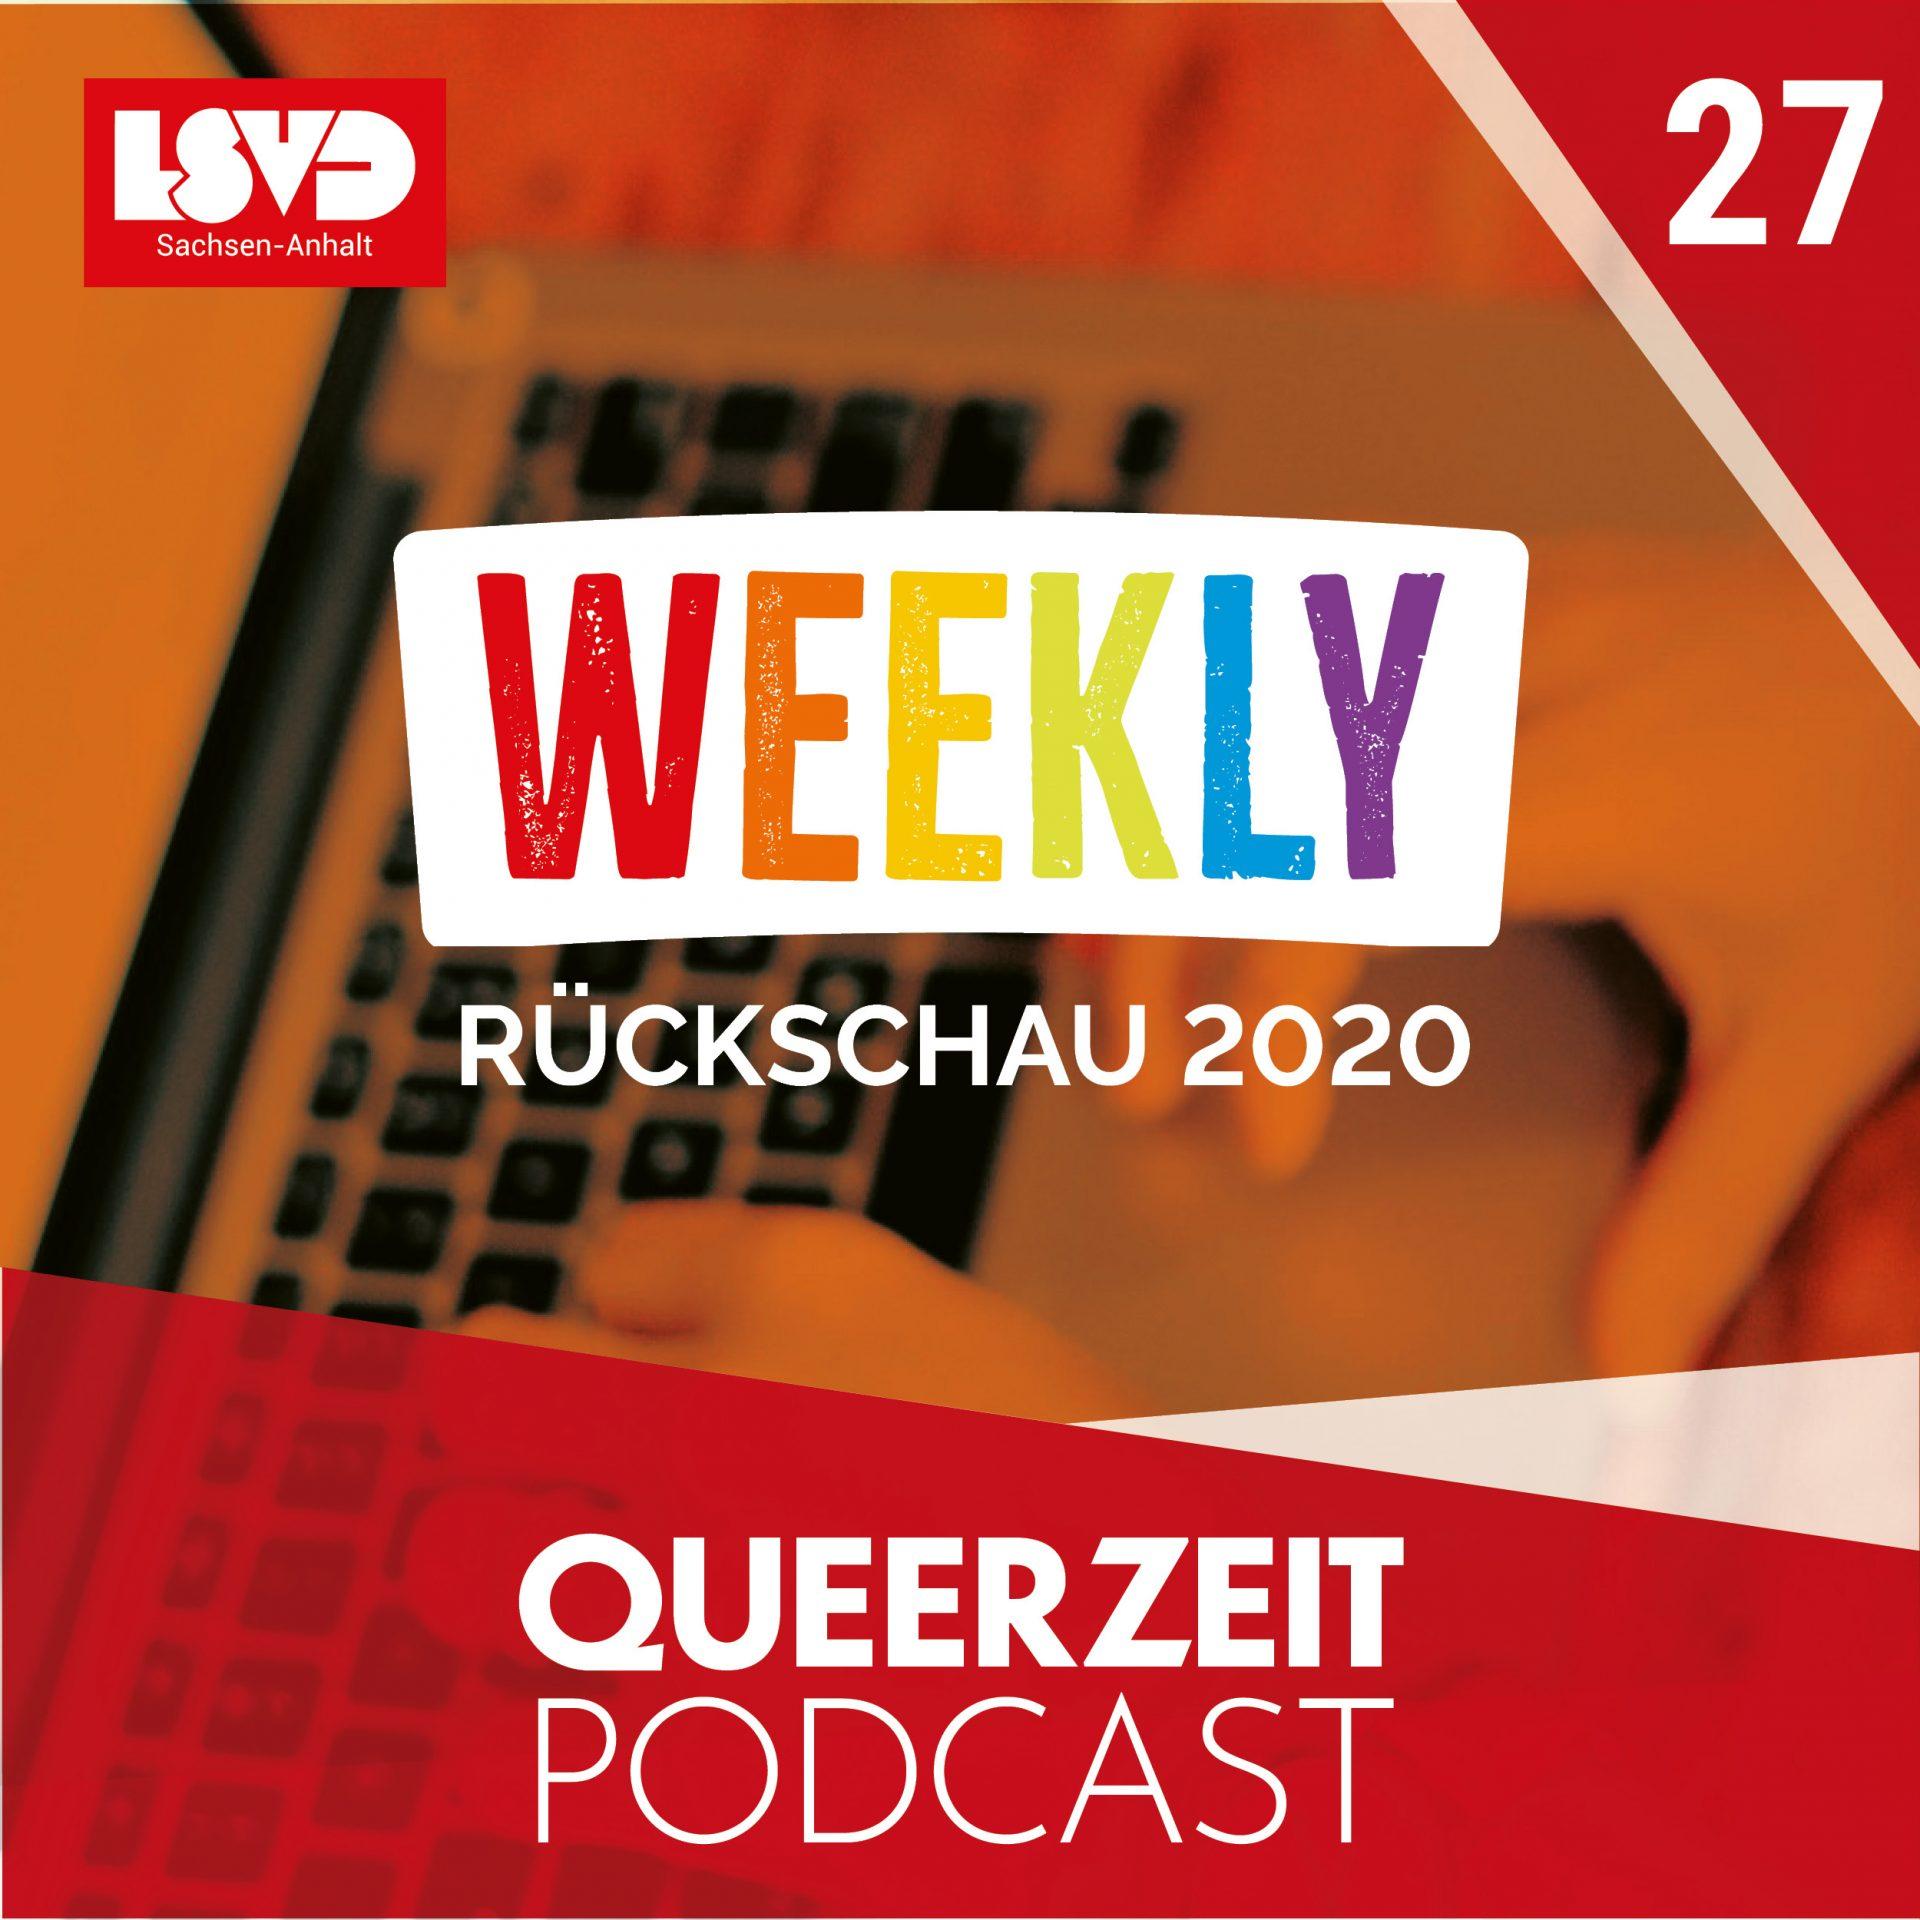 Queerzeit #27 – Weekly Rückschau 2020